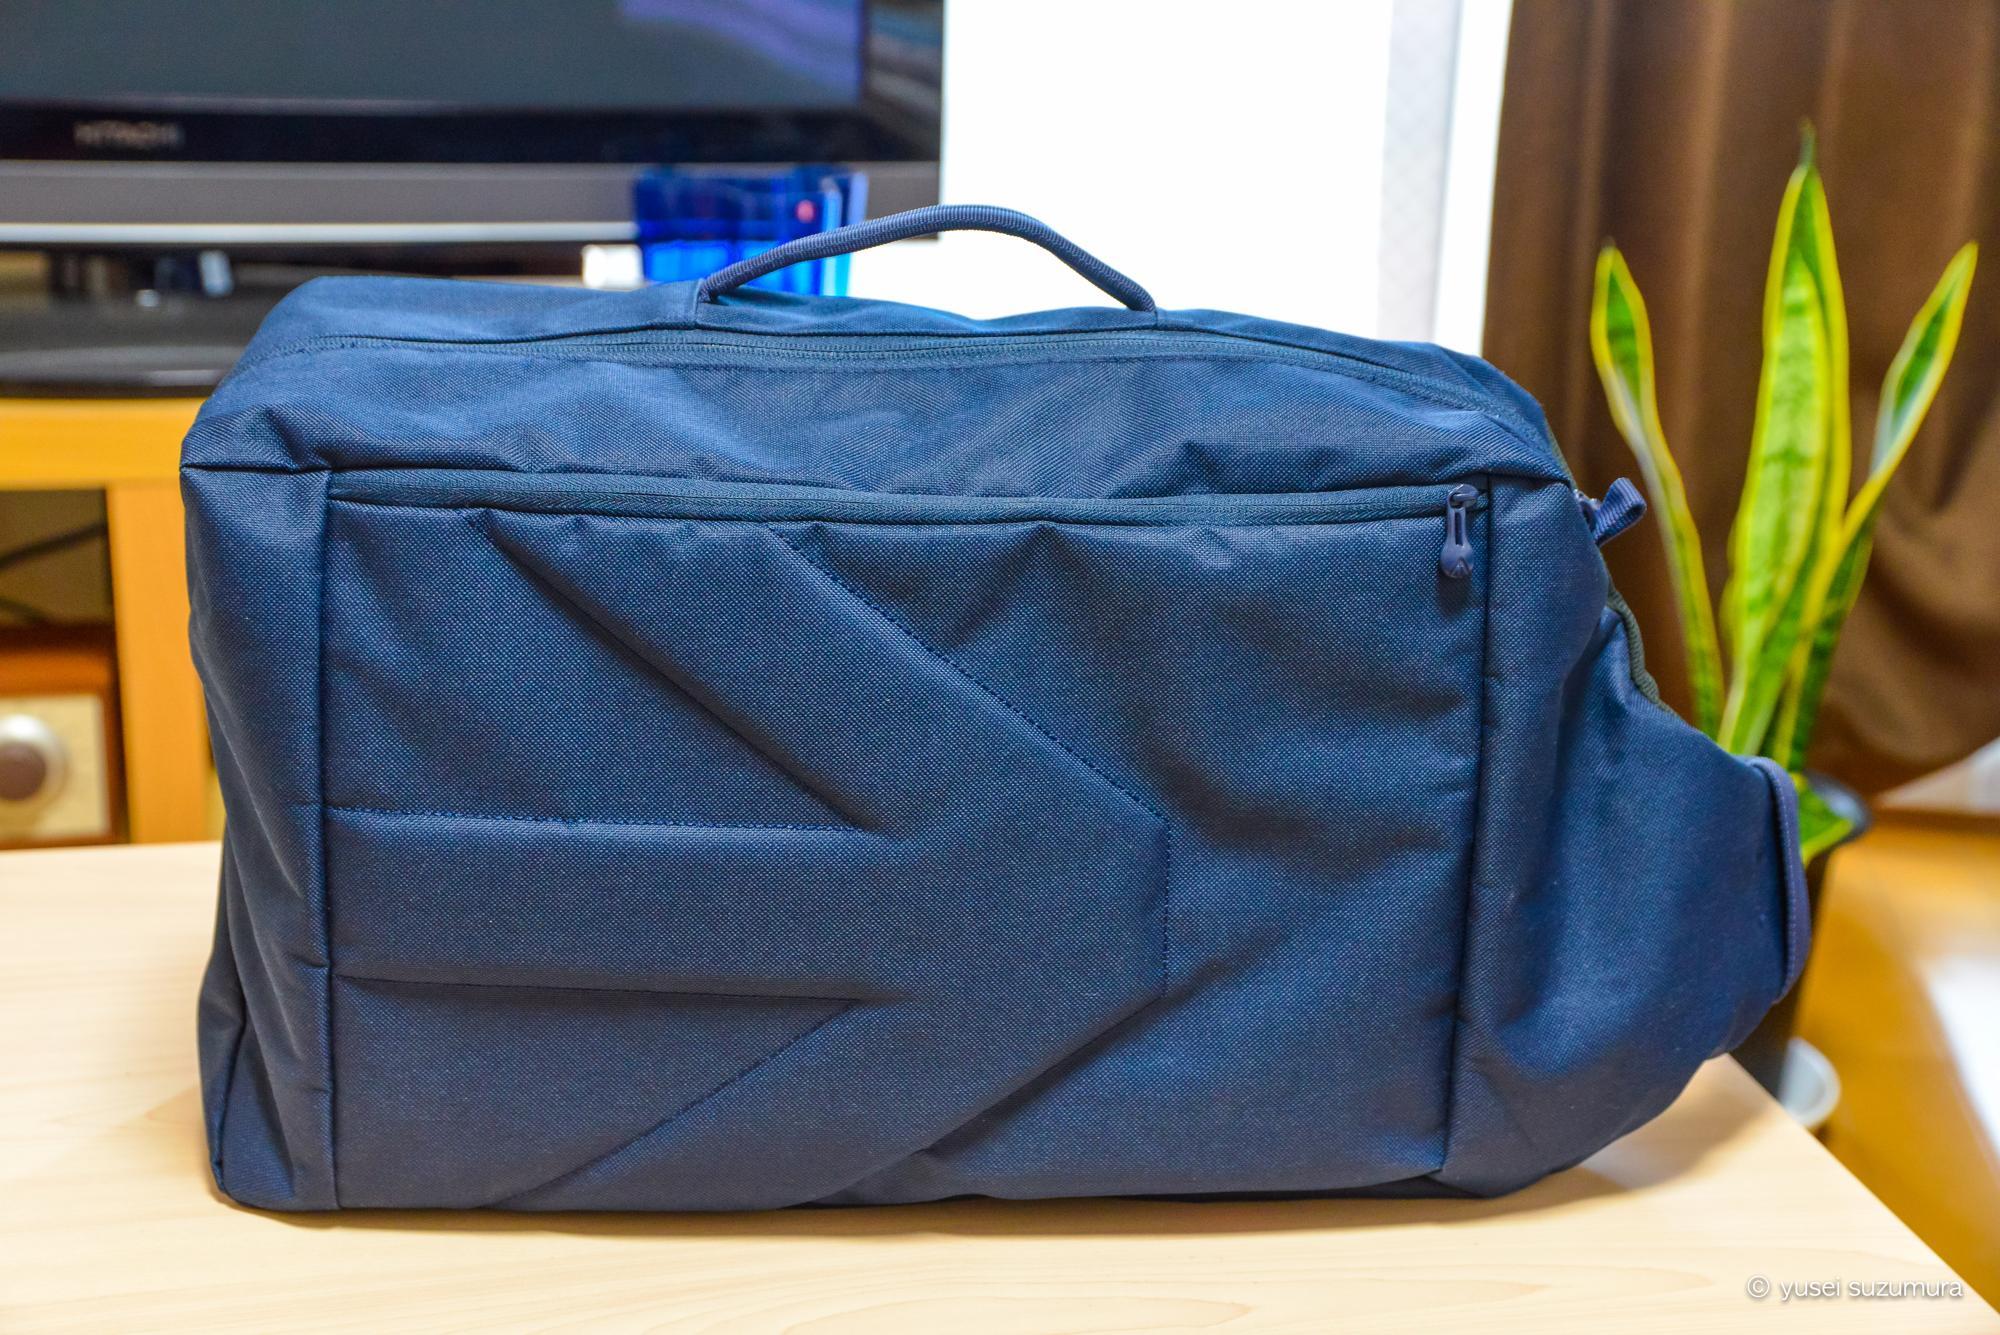 マンフロットのブリオ・スリングバッグ 30型レビュー。オシャレで使いやすい!